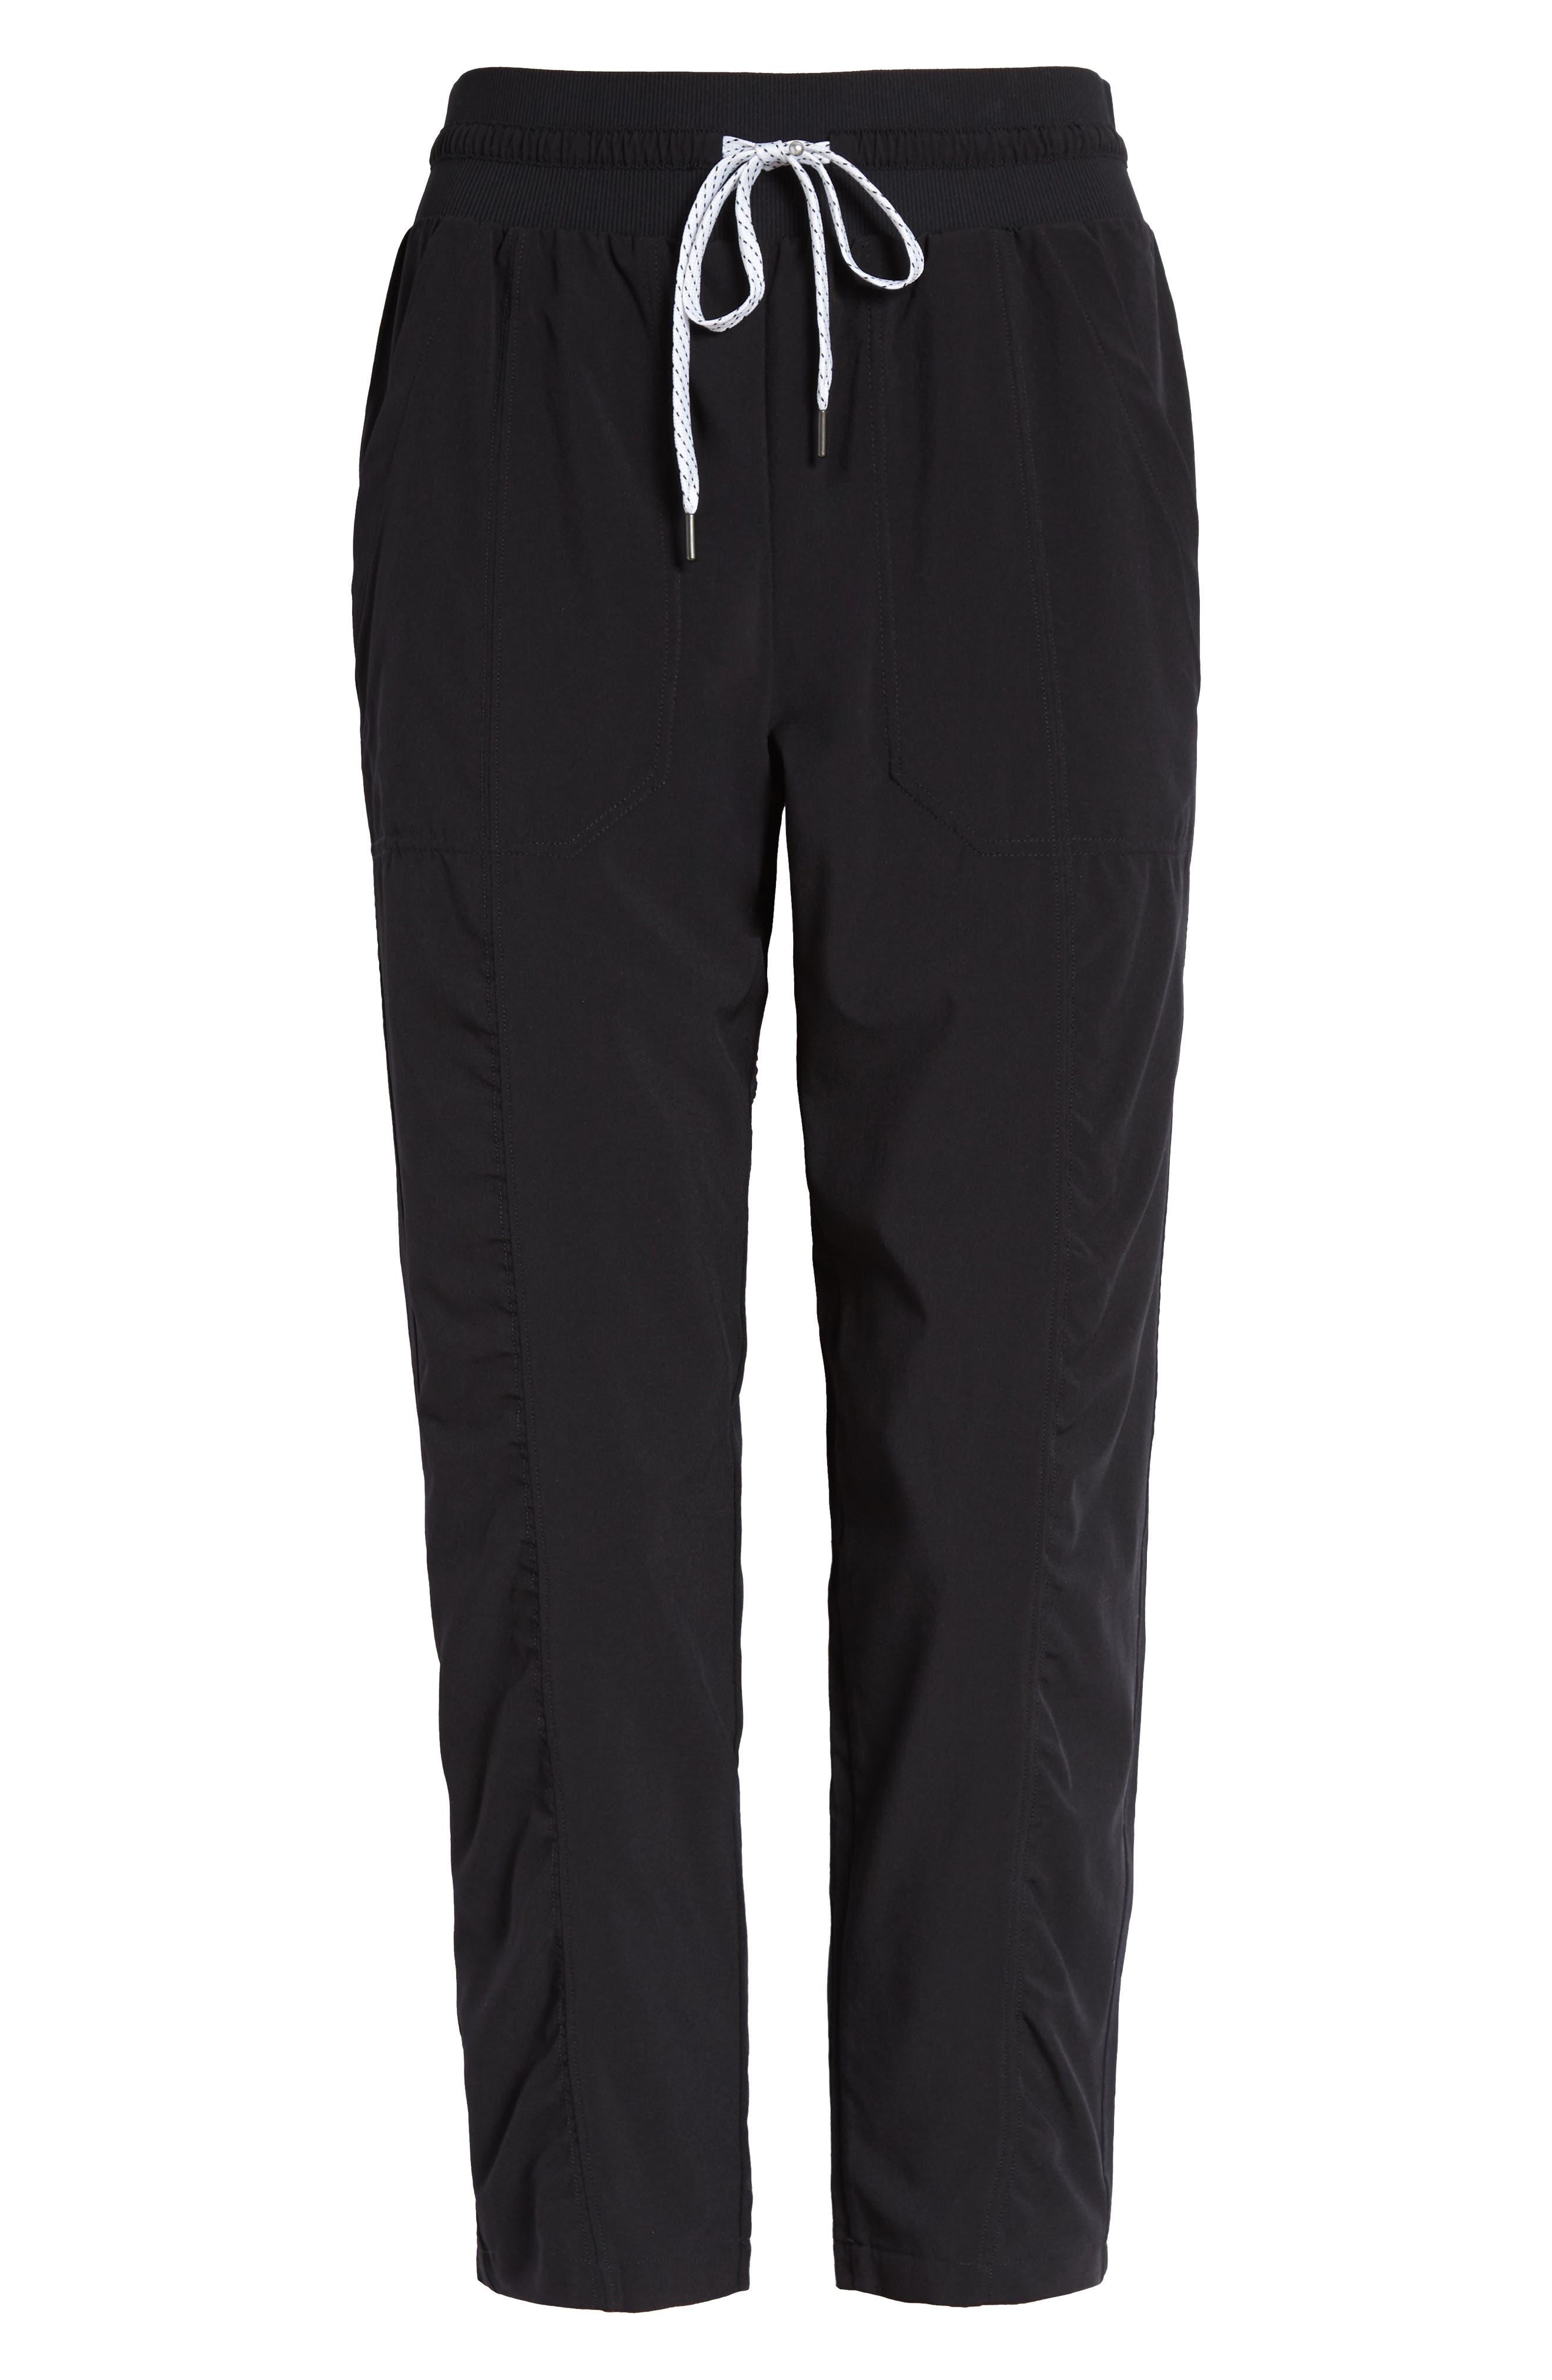 Women's Zella Step-Up Crop Pants